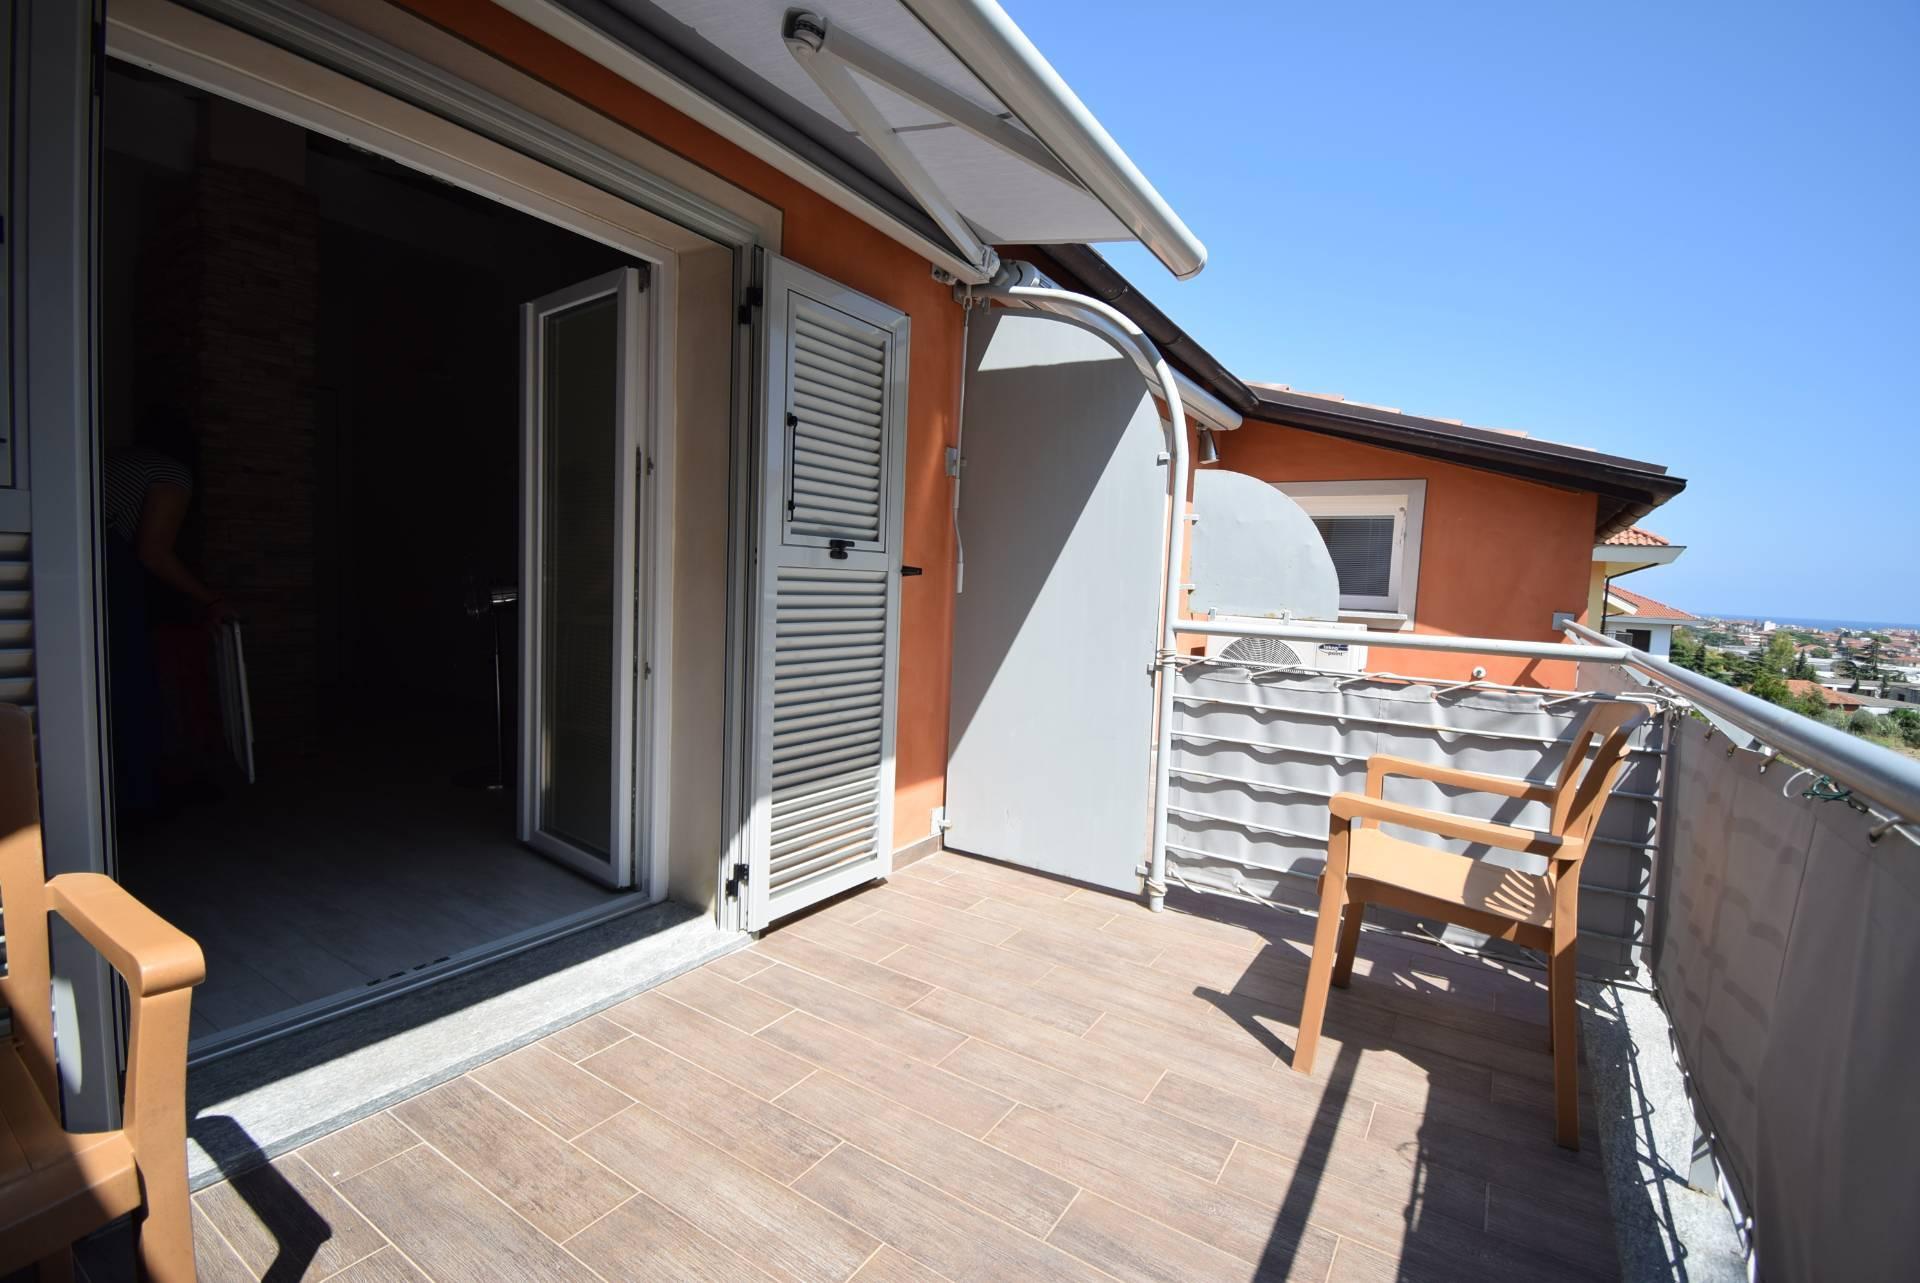 Appartamento in vendita a Diano Castello, 3 locali, prezzo € 295.000   CambioCasa.it